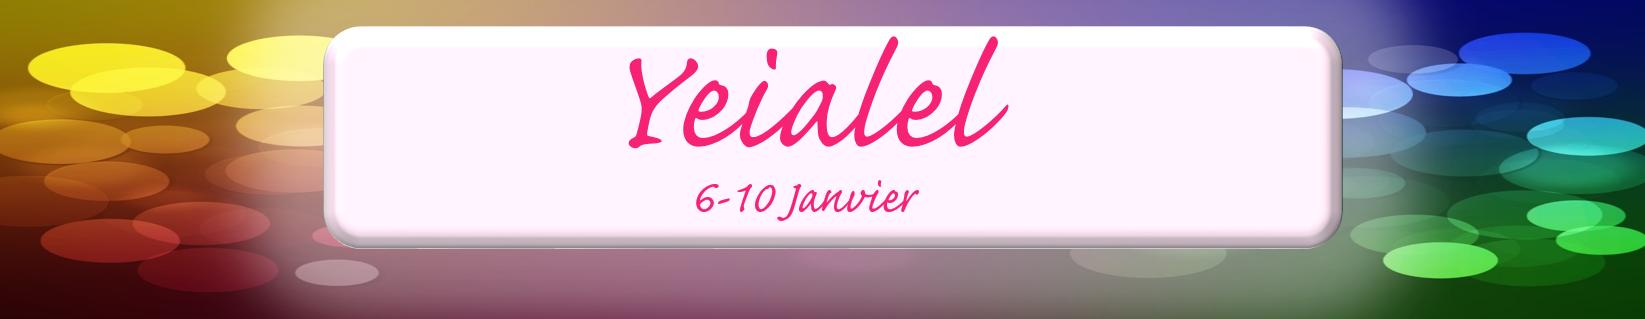 yeialel